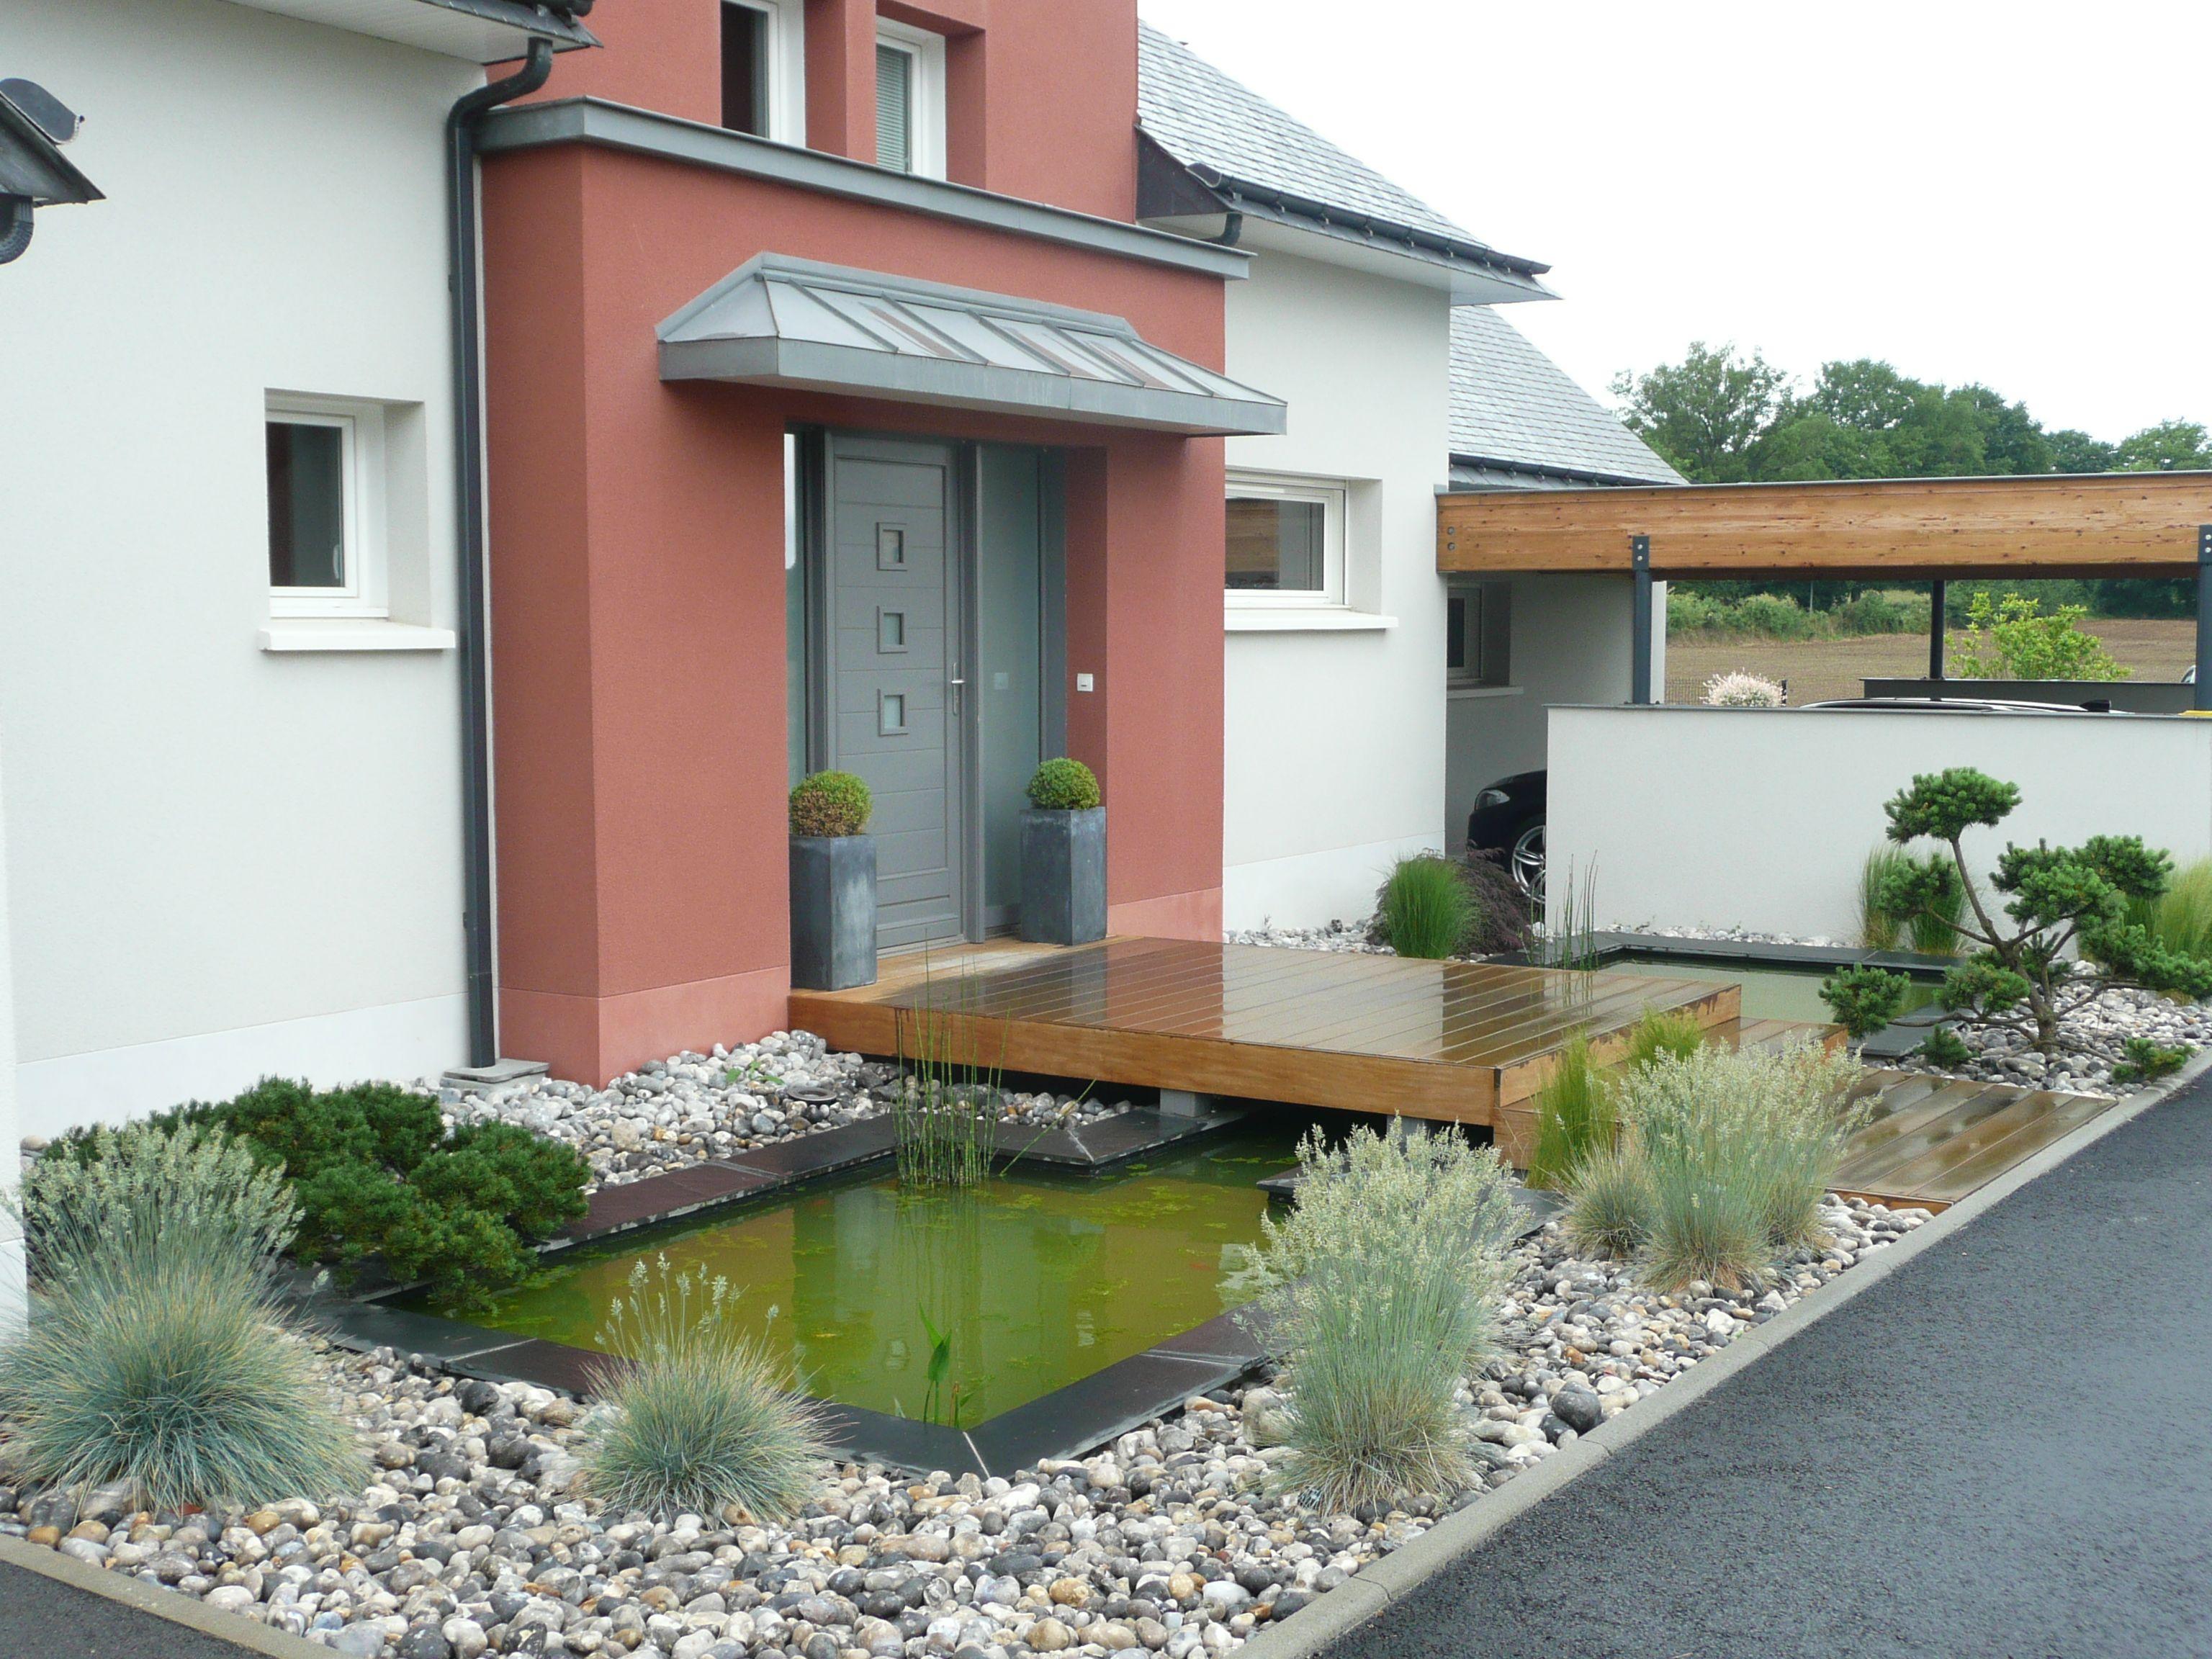 pingl par maeva enzis sur am nagement paysager devant maison deco facade maison petit. Black Bedroom Furniture Sets. Home Design Ideas